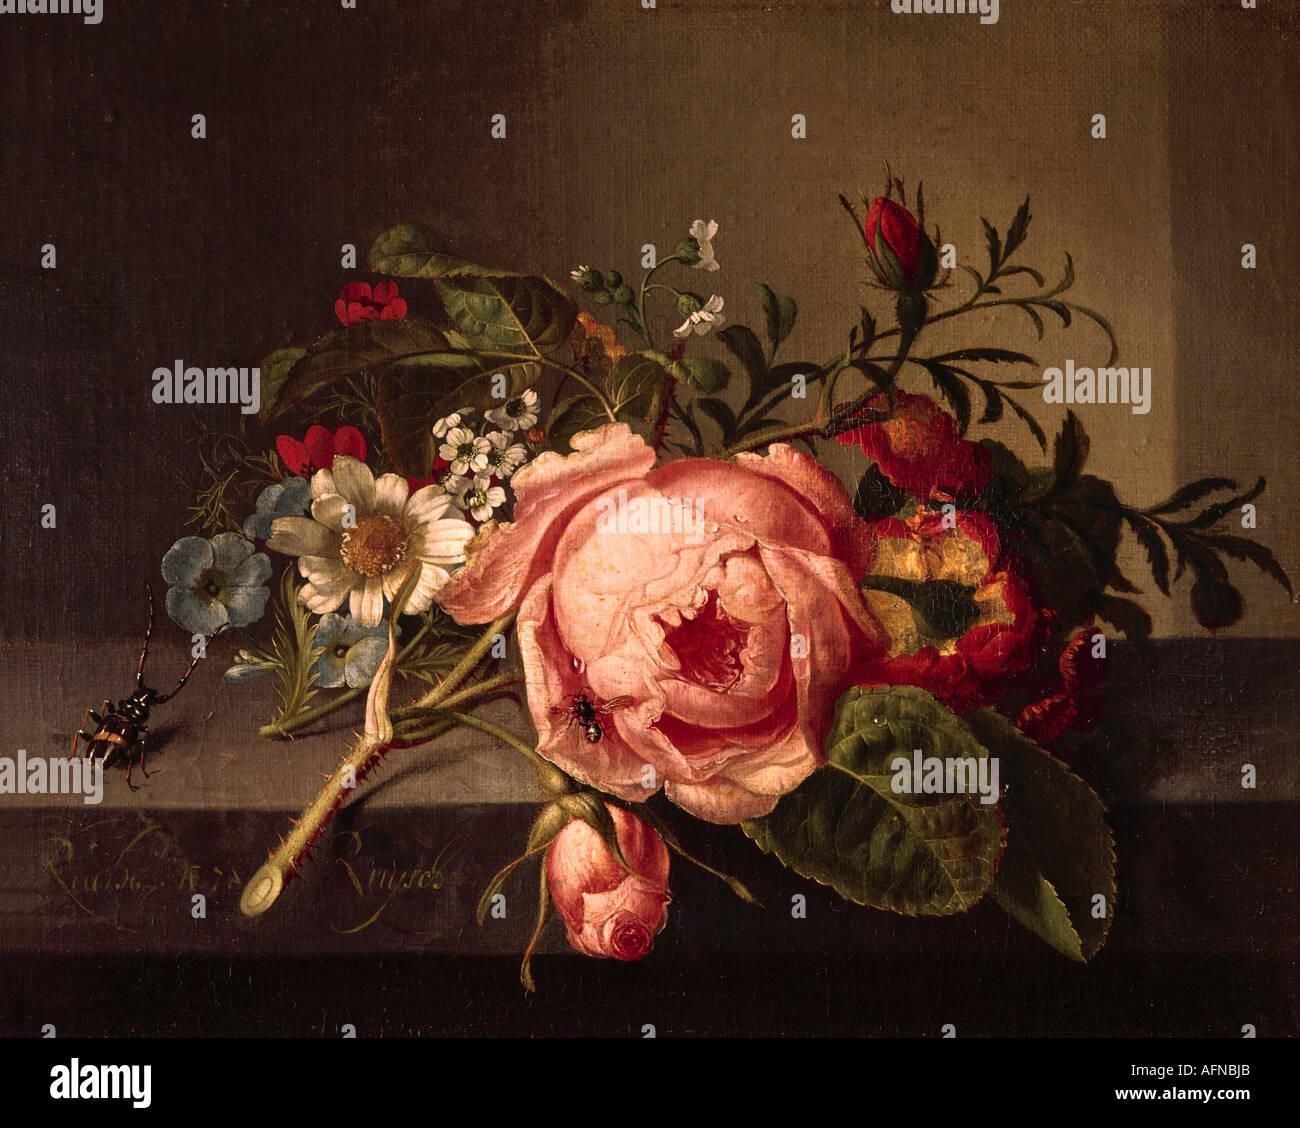 """""""Fine Arts, Ruysch, Rachel, (1664 - 12.8.1750), Malerei,""""Rosenzweig Mit Käfer Und Biene"""", Öffentliche Kunstsammlung, Stockfoto"""